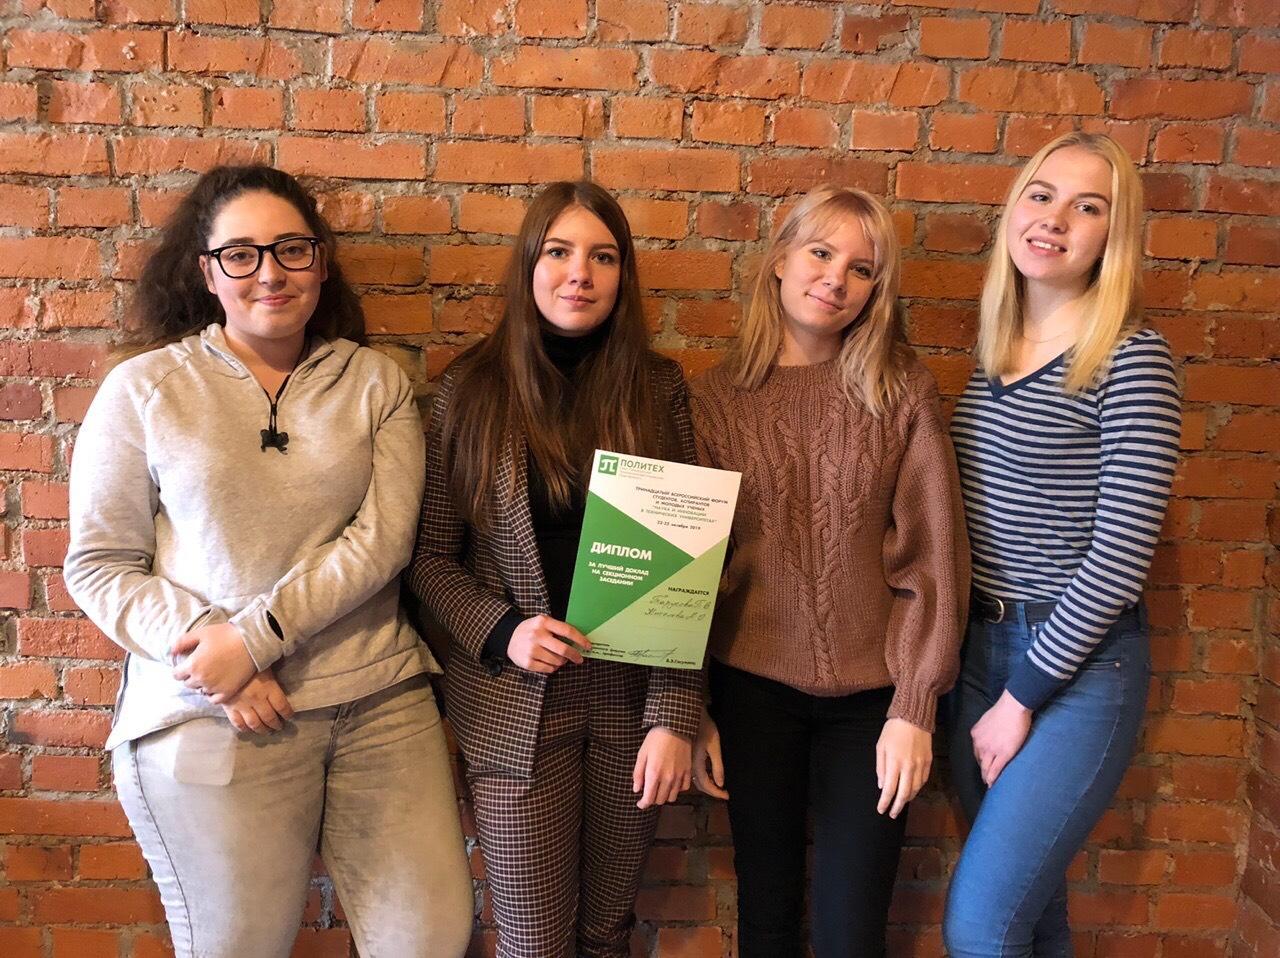 Победа студентов ВШБиПП в научном форуме